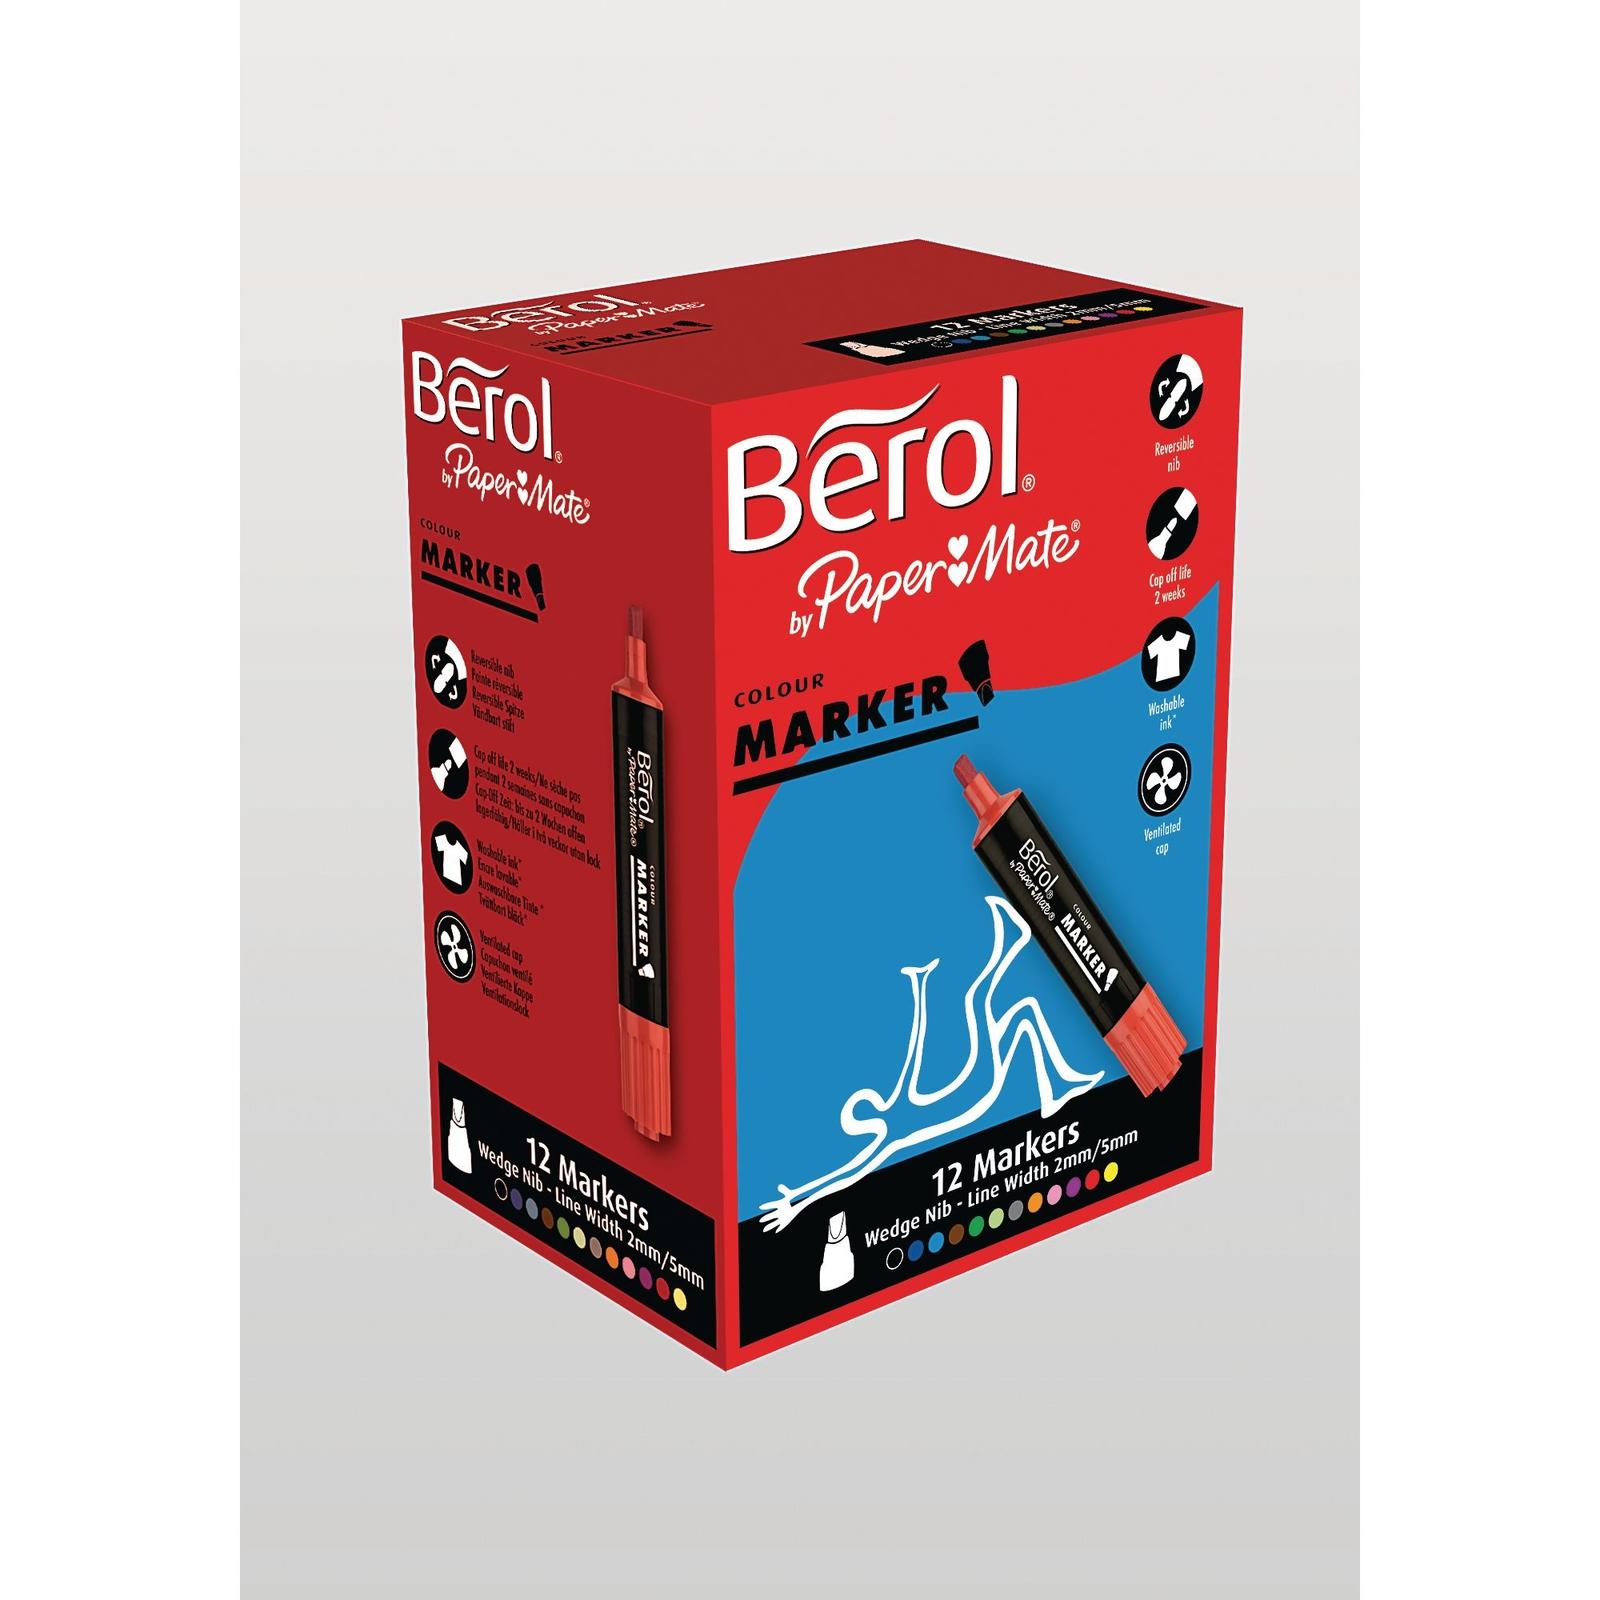 Berol Colour Marker Chisel P12